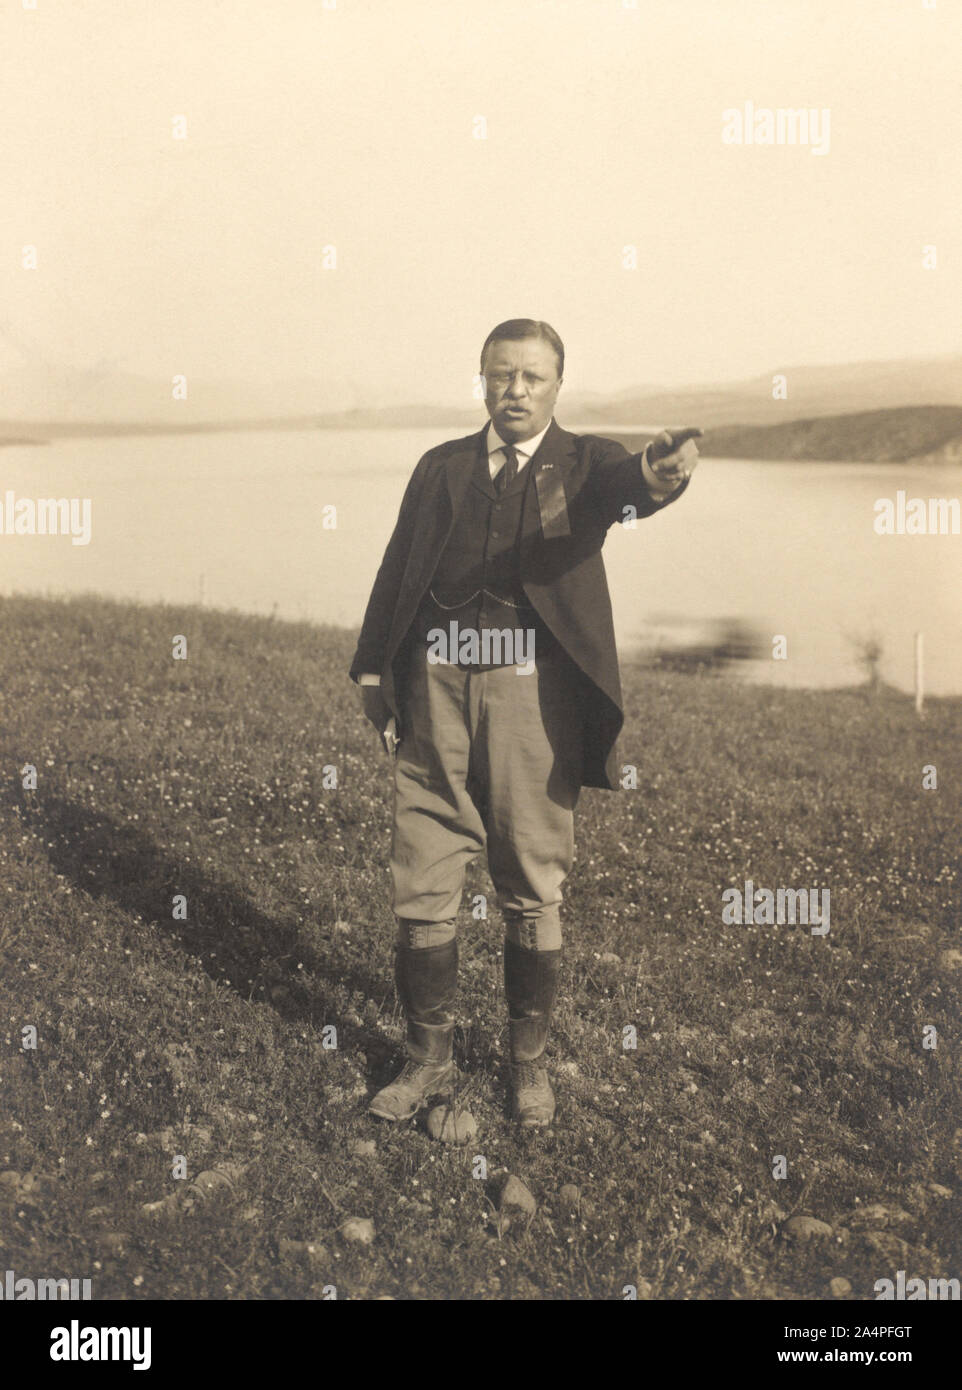 Theodore Roosevelt de pie en frente del lago dedo señalador, Arizona, Estados Unidos, Fotografía por Walter J. Lubken, abril de 1911 Foto de stock